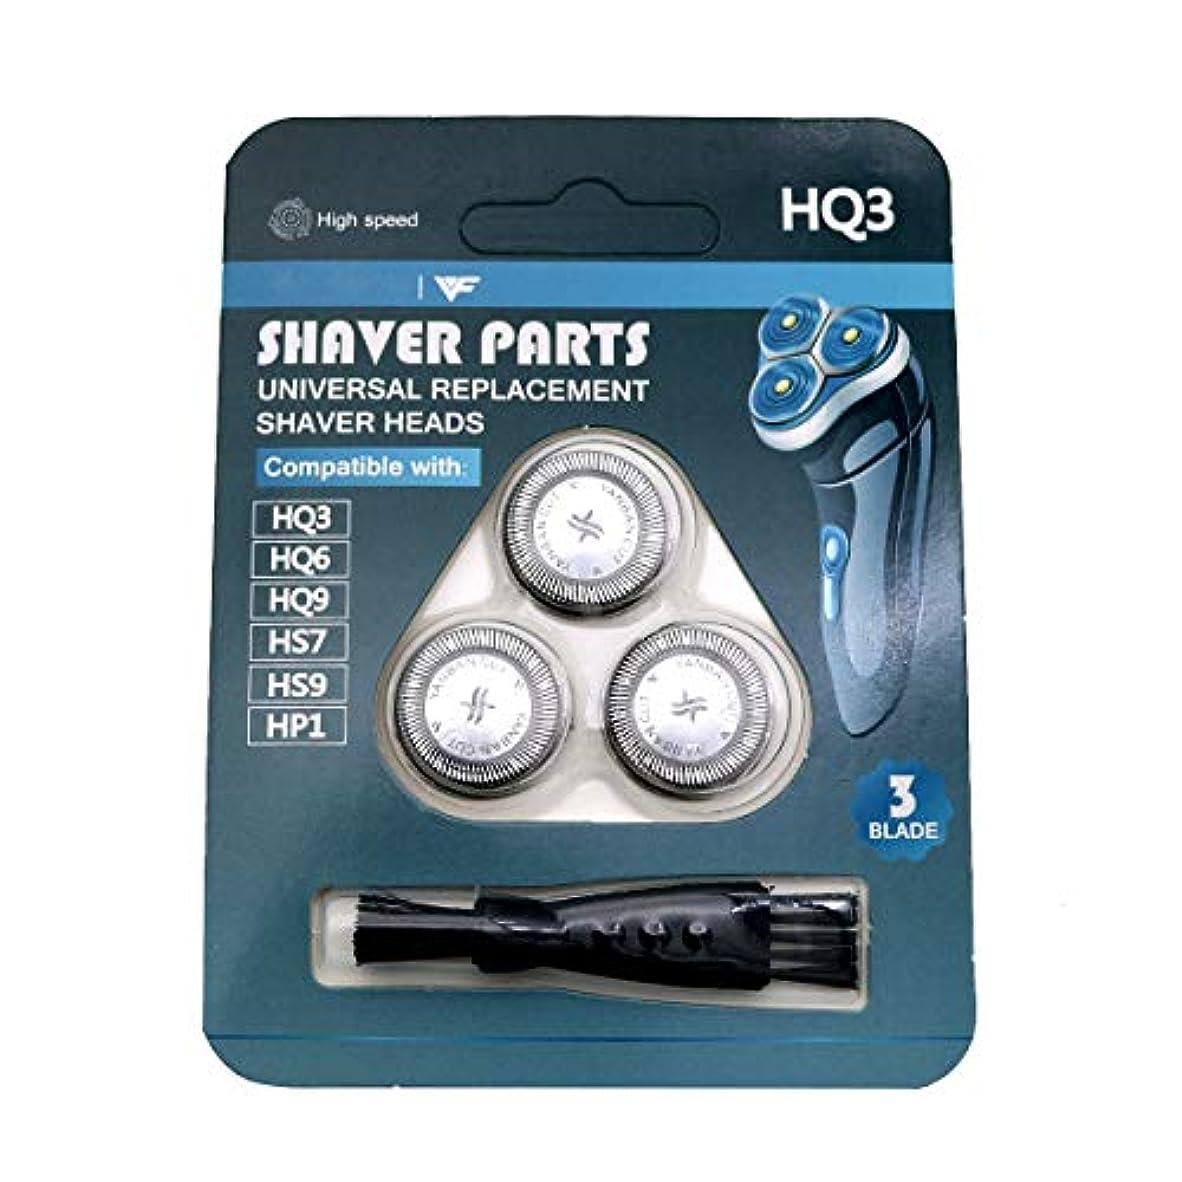 おとなしい溝一晩WuYan 3個 交換用 シェーバー ヘッド アップグレード互換性 Philips Norelco Hq3 Hq56 Hq55 Hq 442 Hq 300 Hq 916かみそり 刃 デュアル プレシジョン 全3ブレード 用